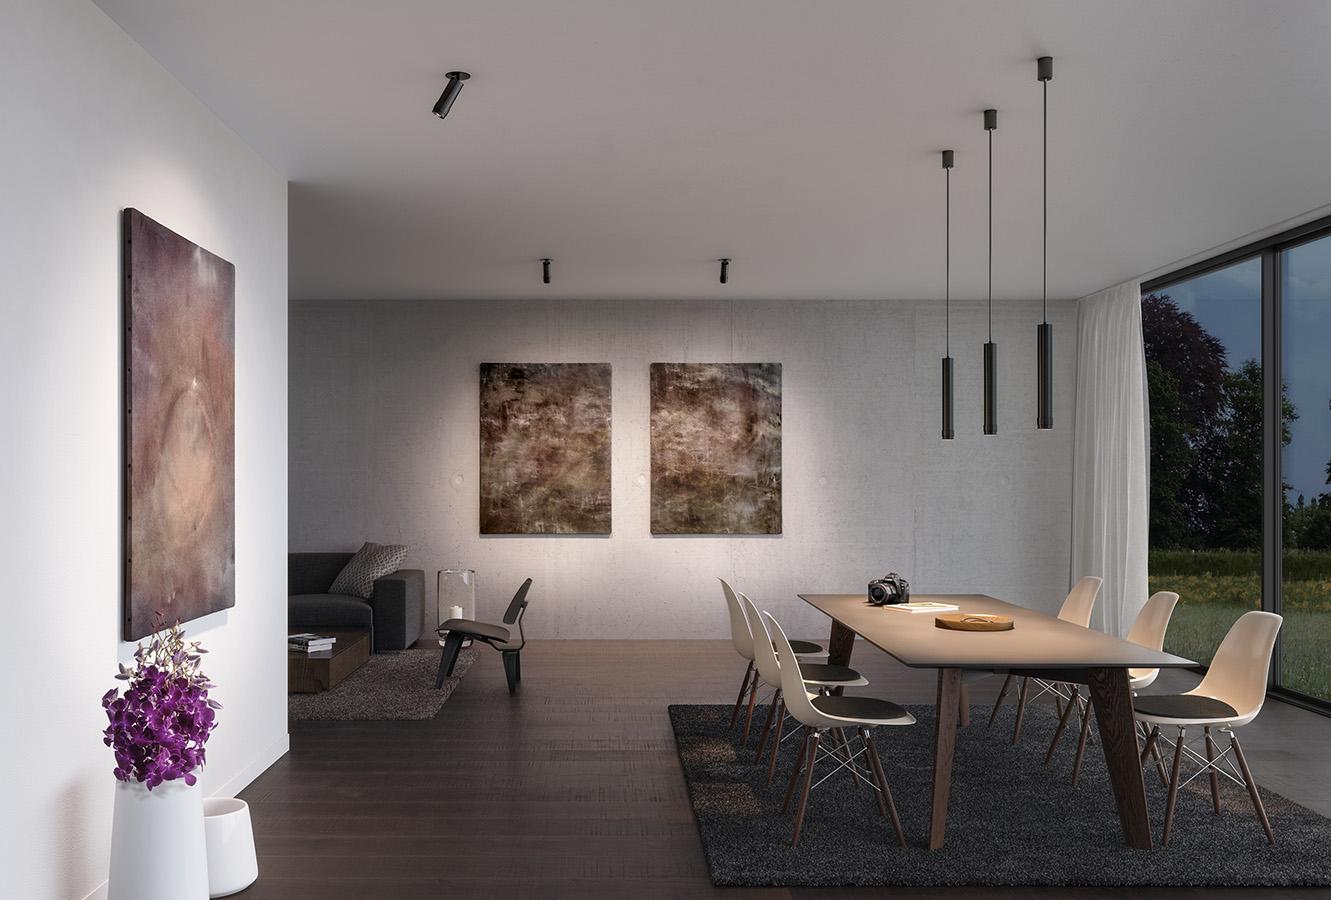 licht leuchten hersteller schweiz designerleuchten wohnen einrichtung lichtgestaltung